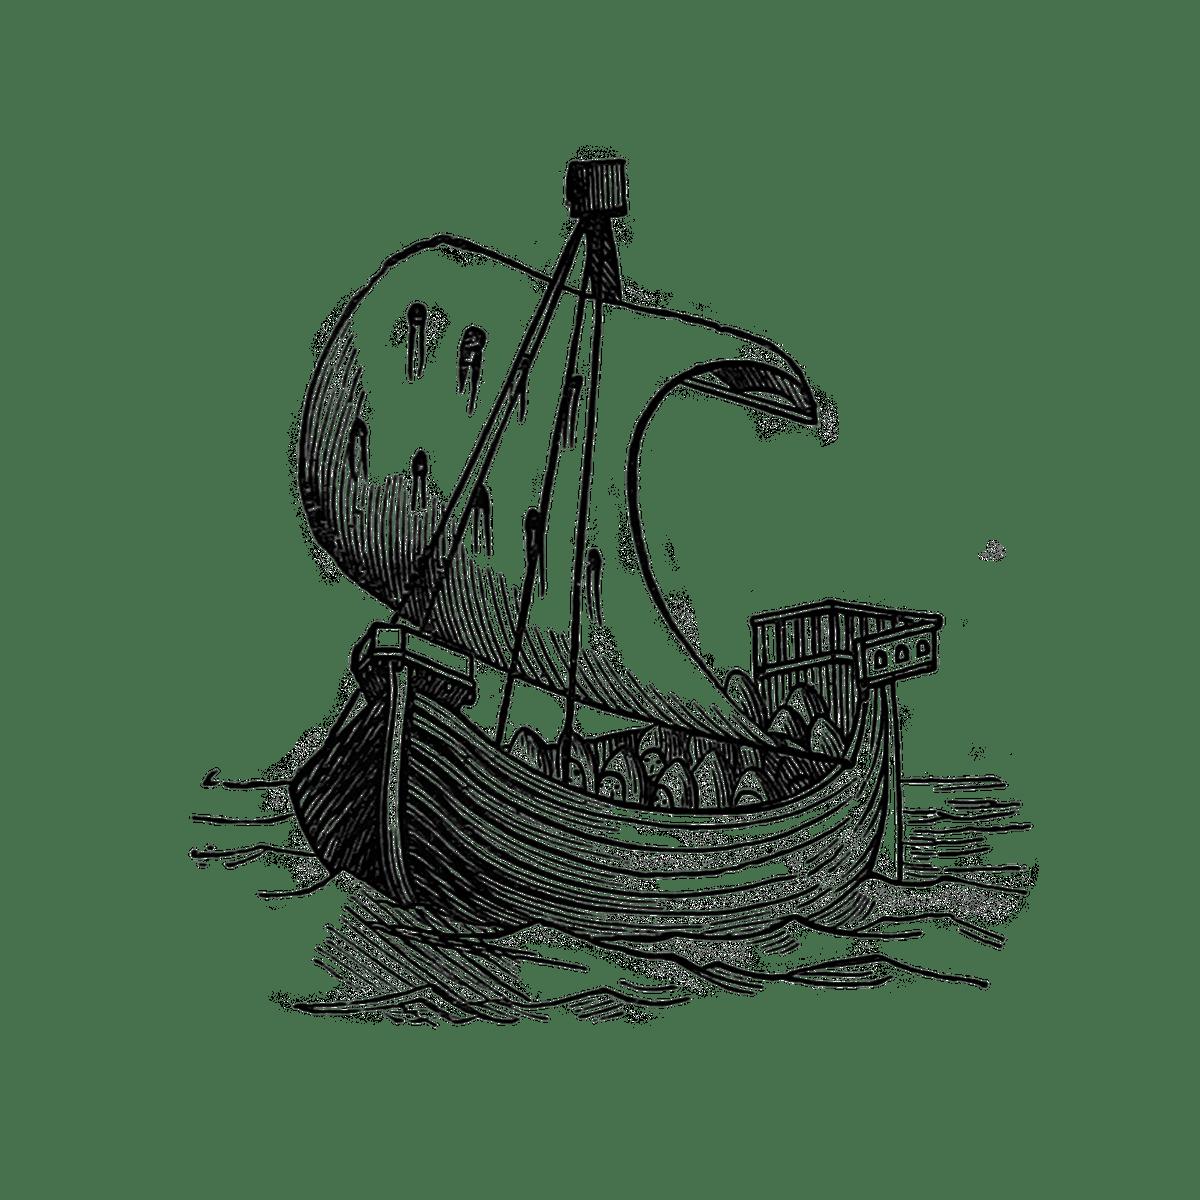 détail d'enluminure représentant une caravelle médiévale